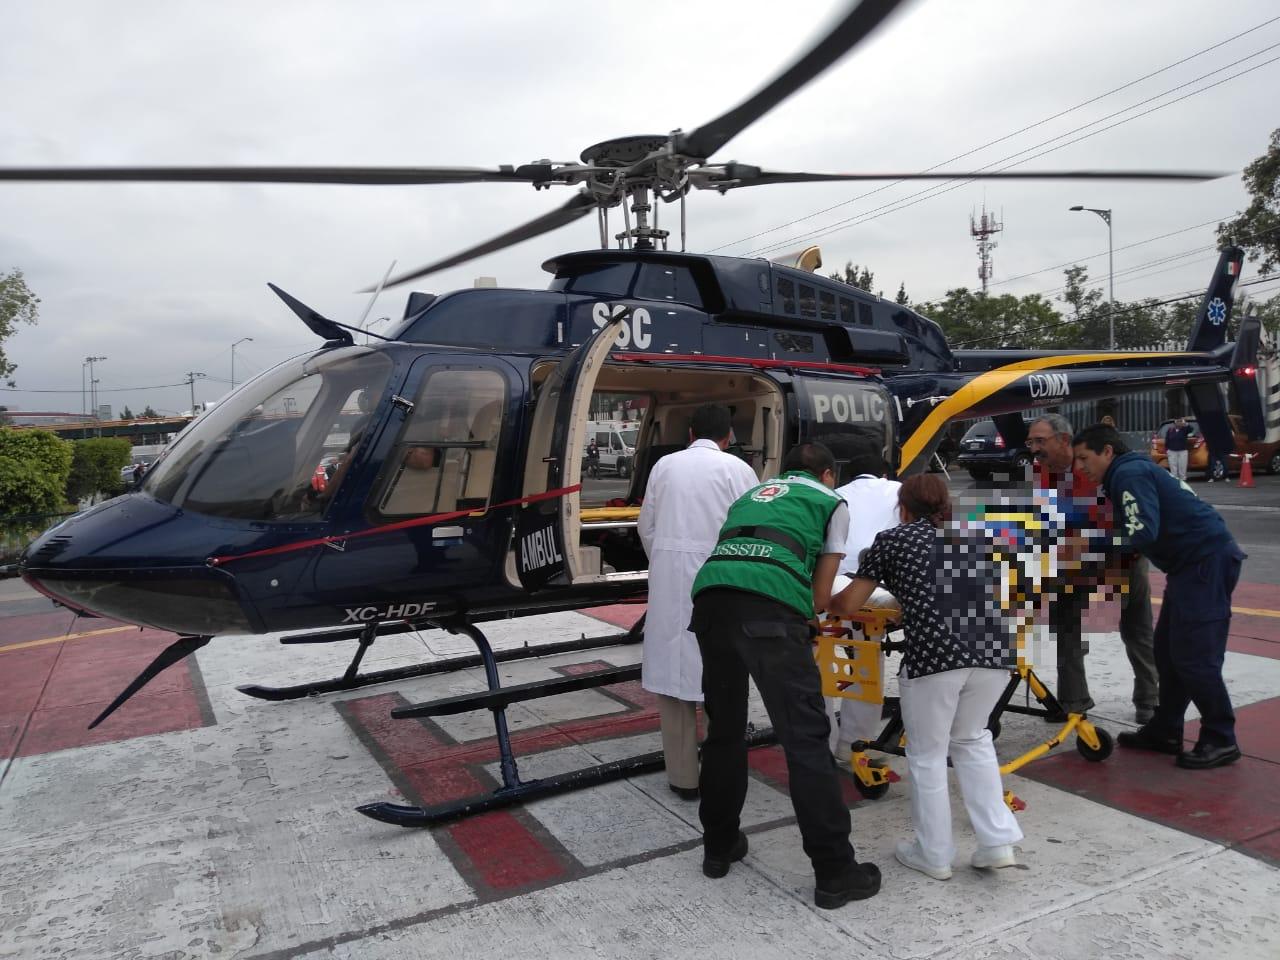 Cóndores de la SSC brindan Ambulancia Aérea para traslado de un menor con complicaciones respiratorias y cerebrales